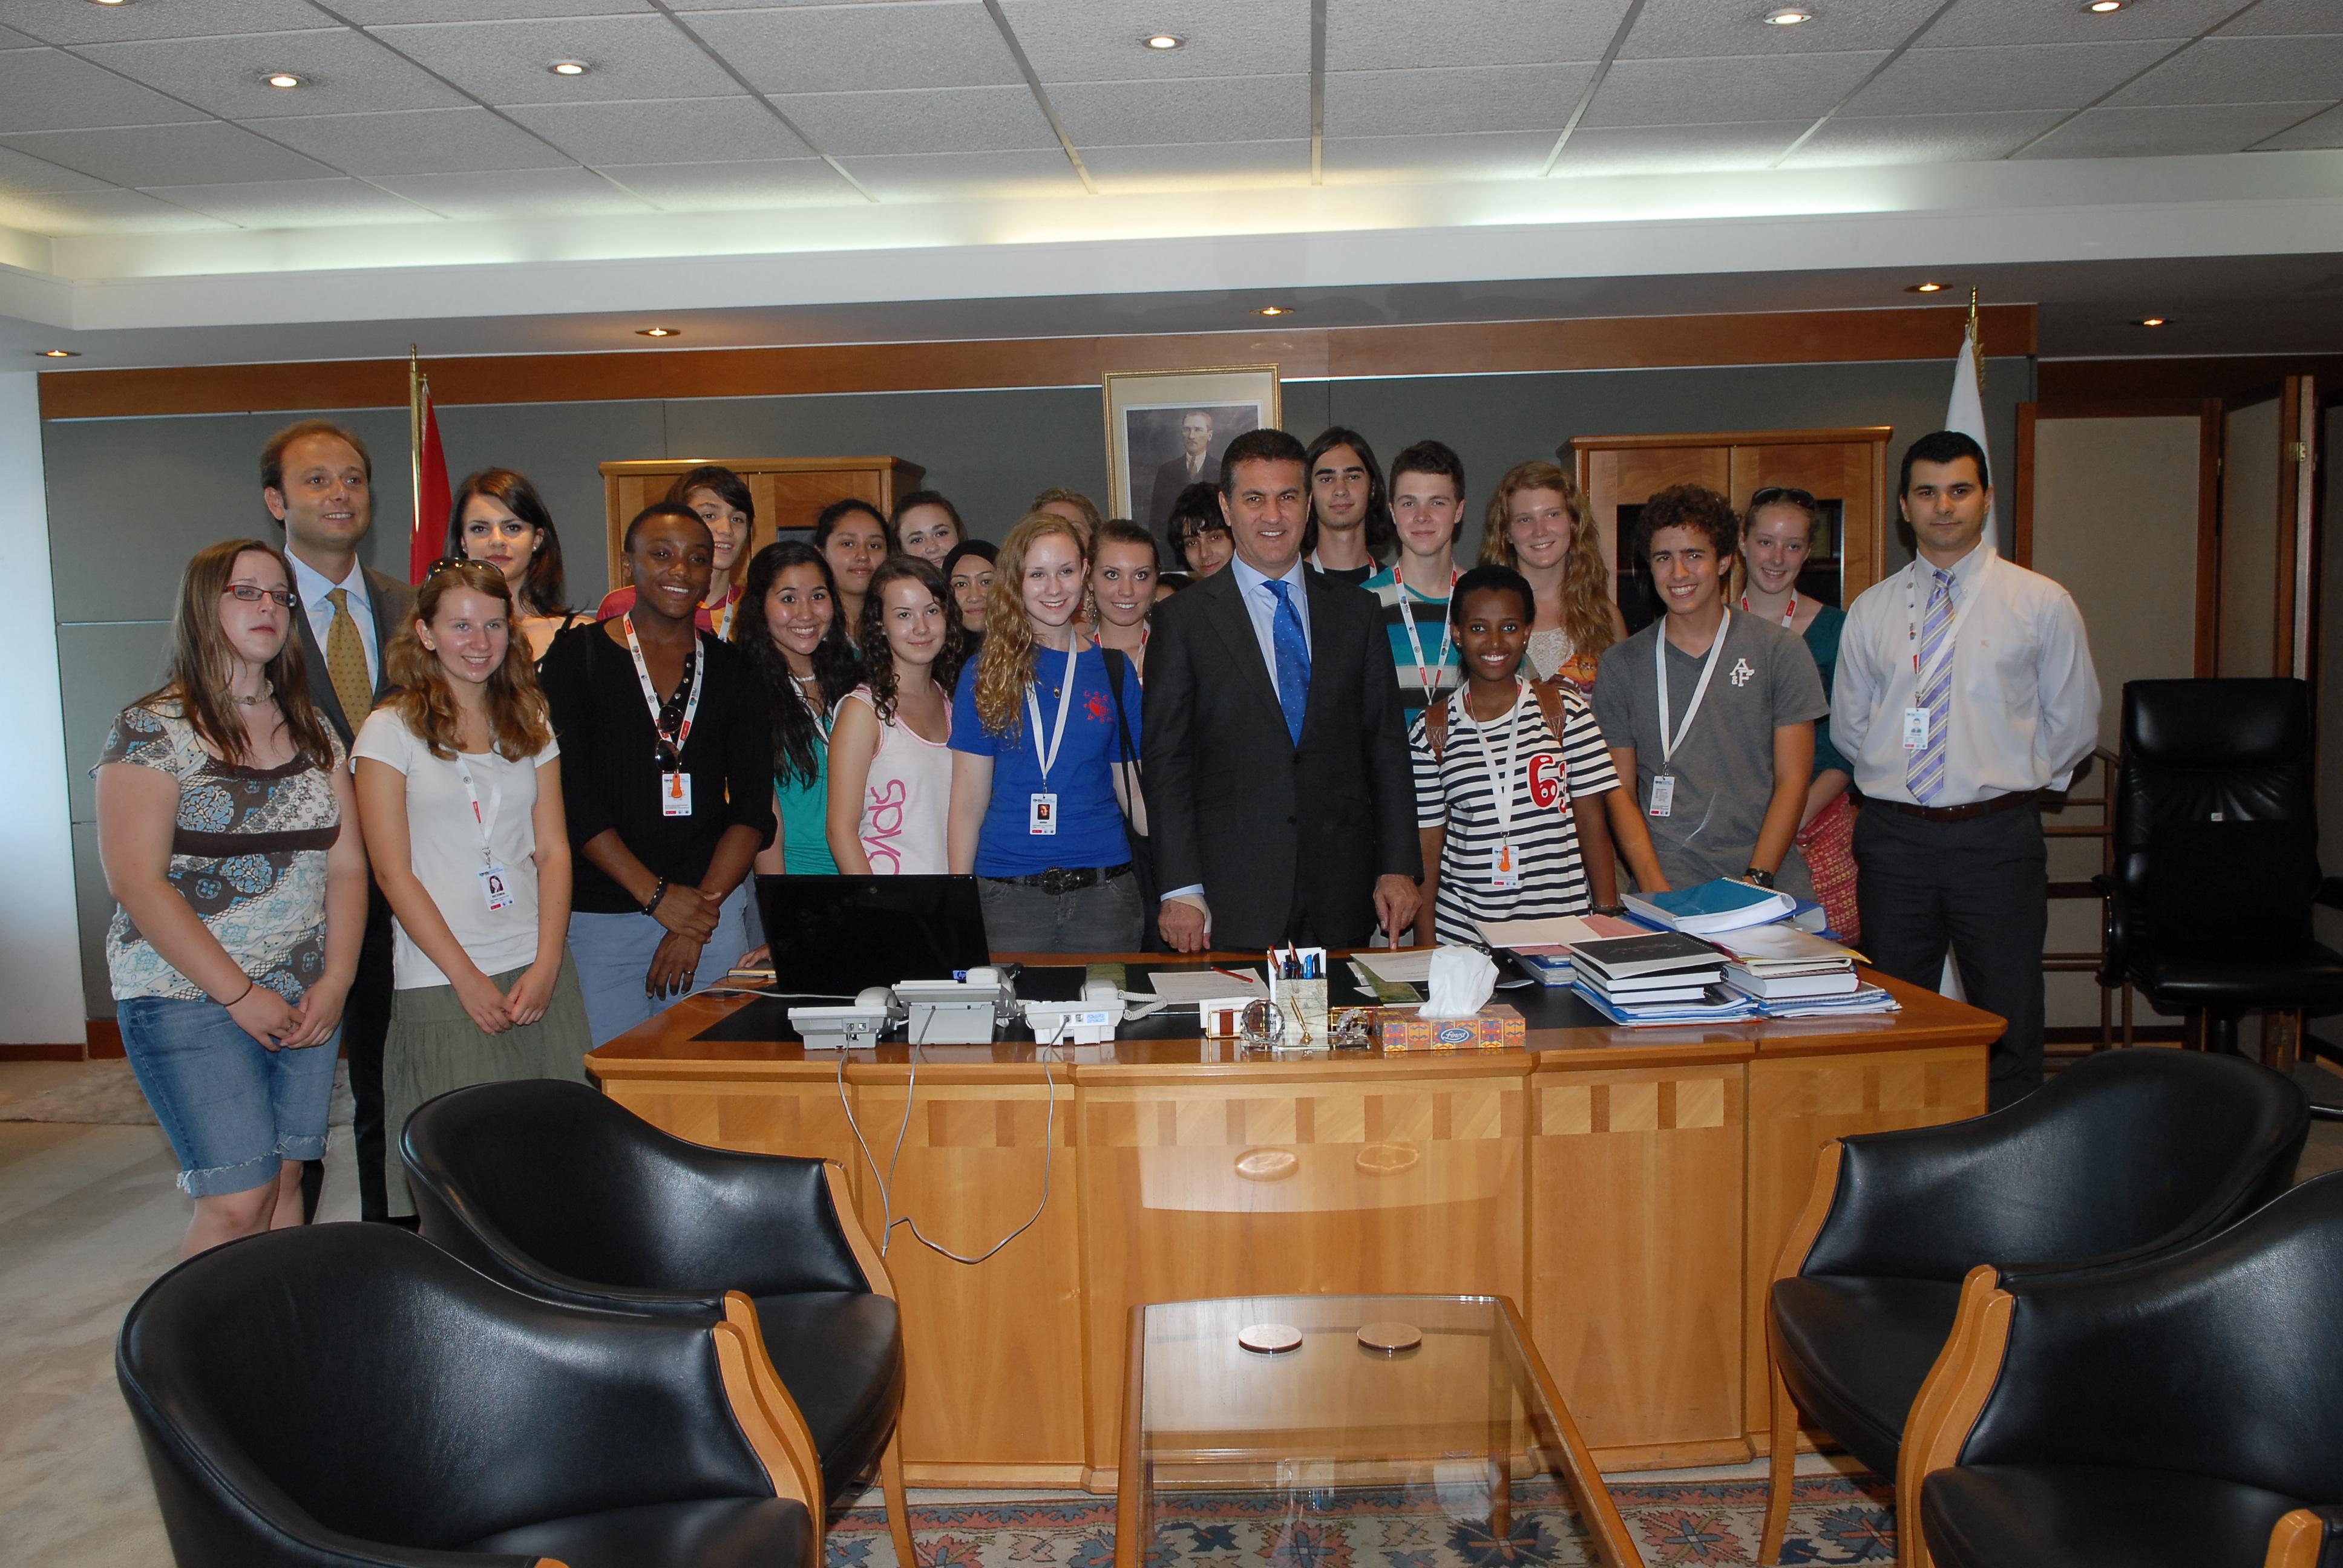 NSLI Öğrencileri Şişli Belediyesi'ni Ziyaret Etti